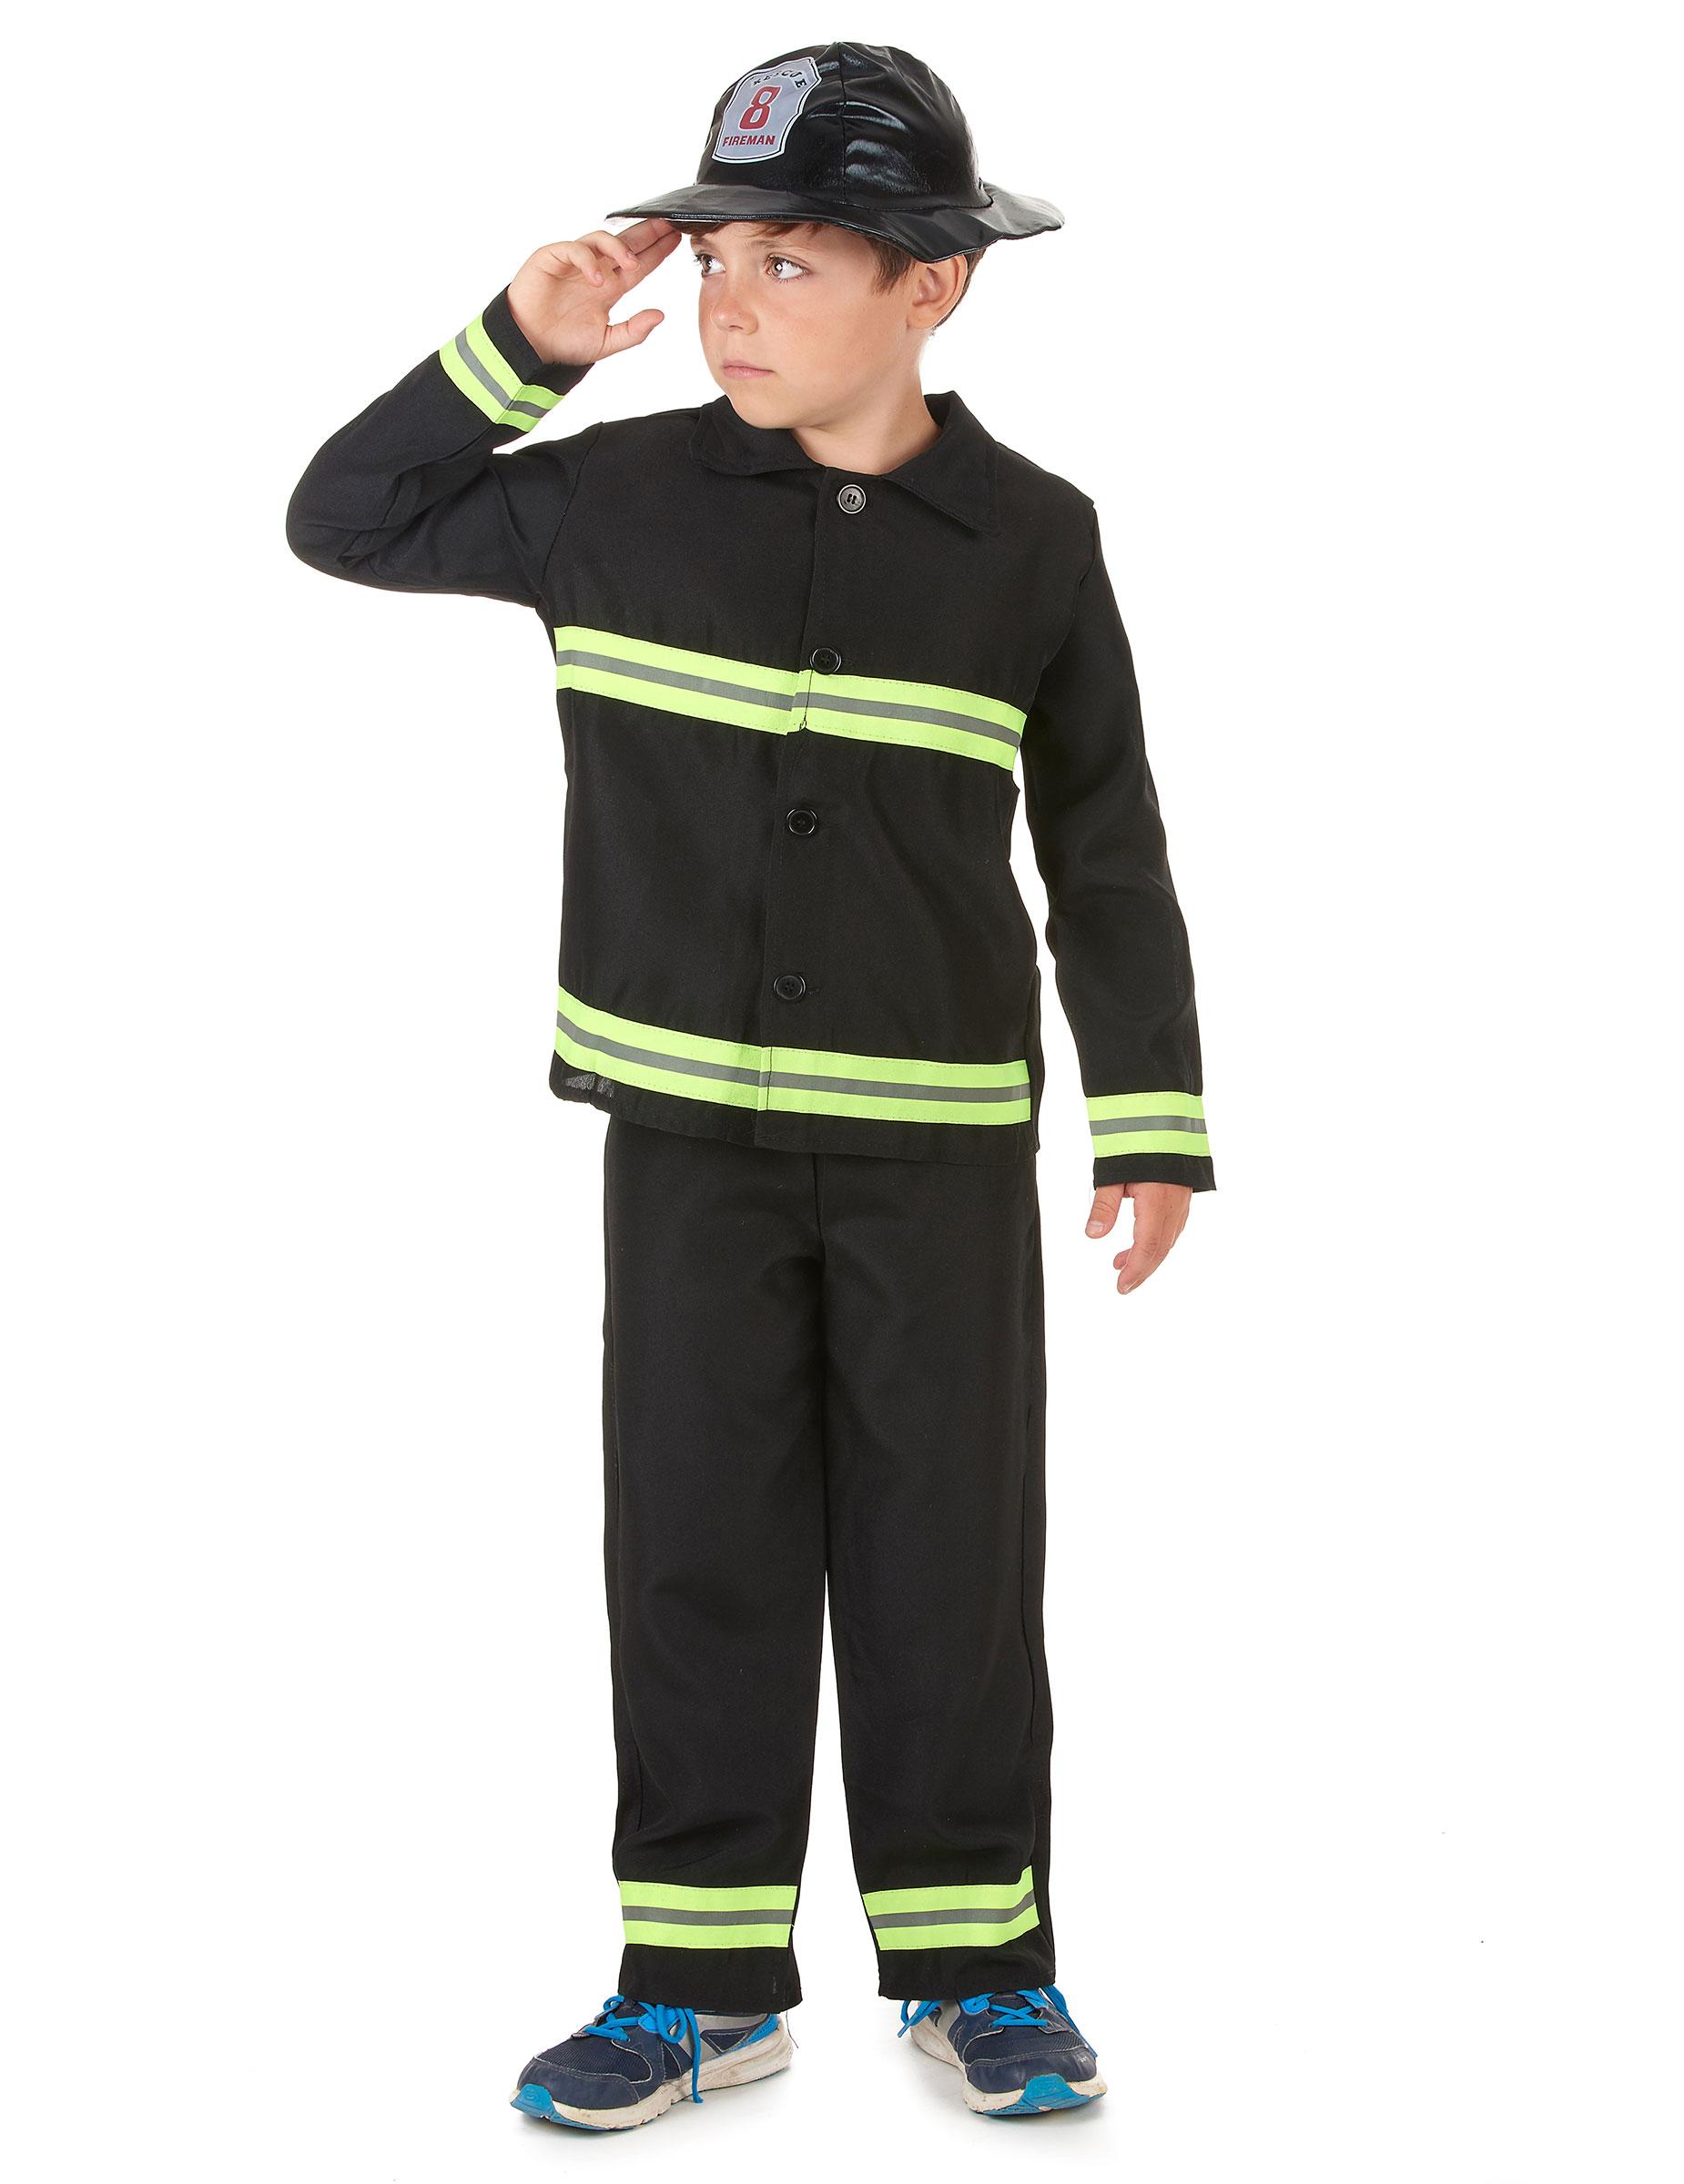 Feuerwehrmann-Kostüm für Jungen Beruf schwarz-gelb: Kostüme für ...